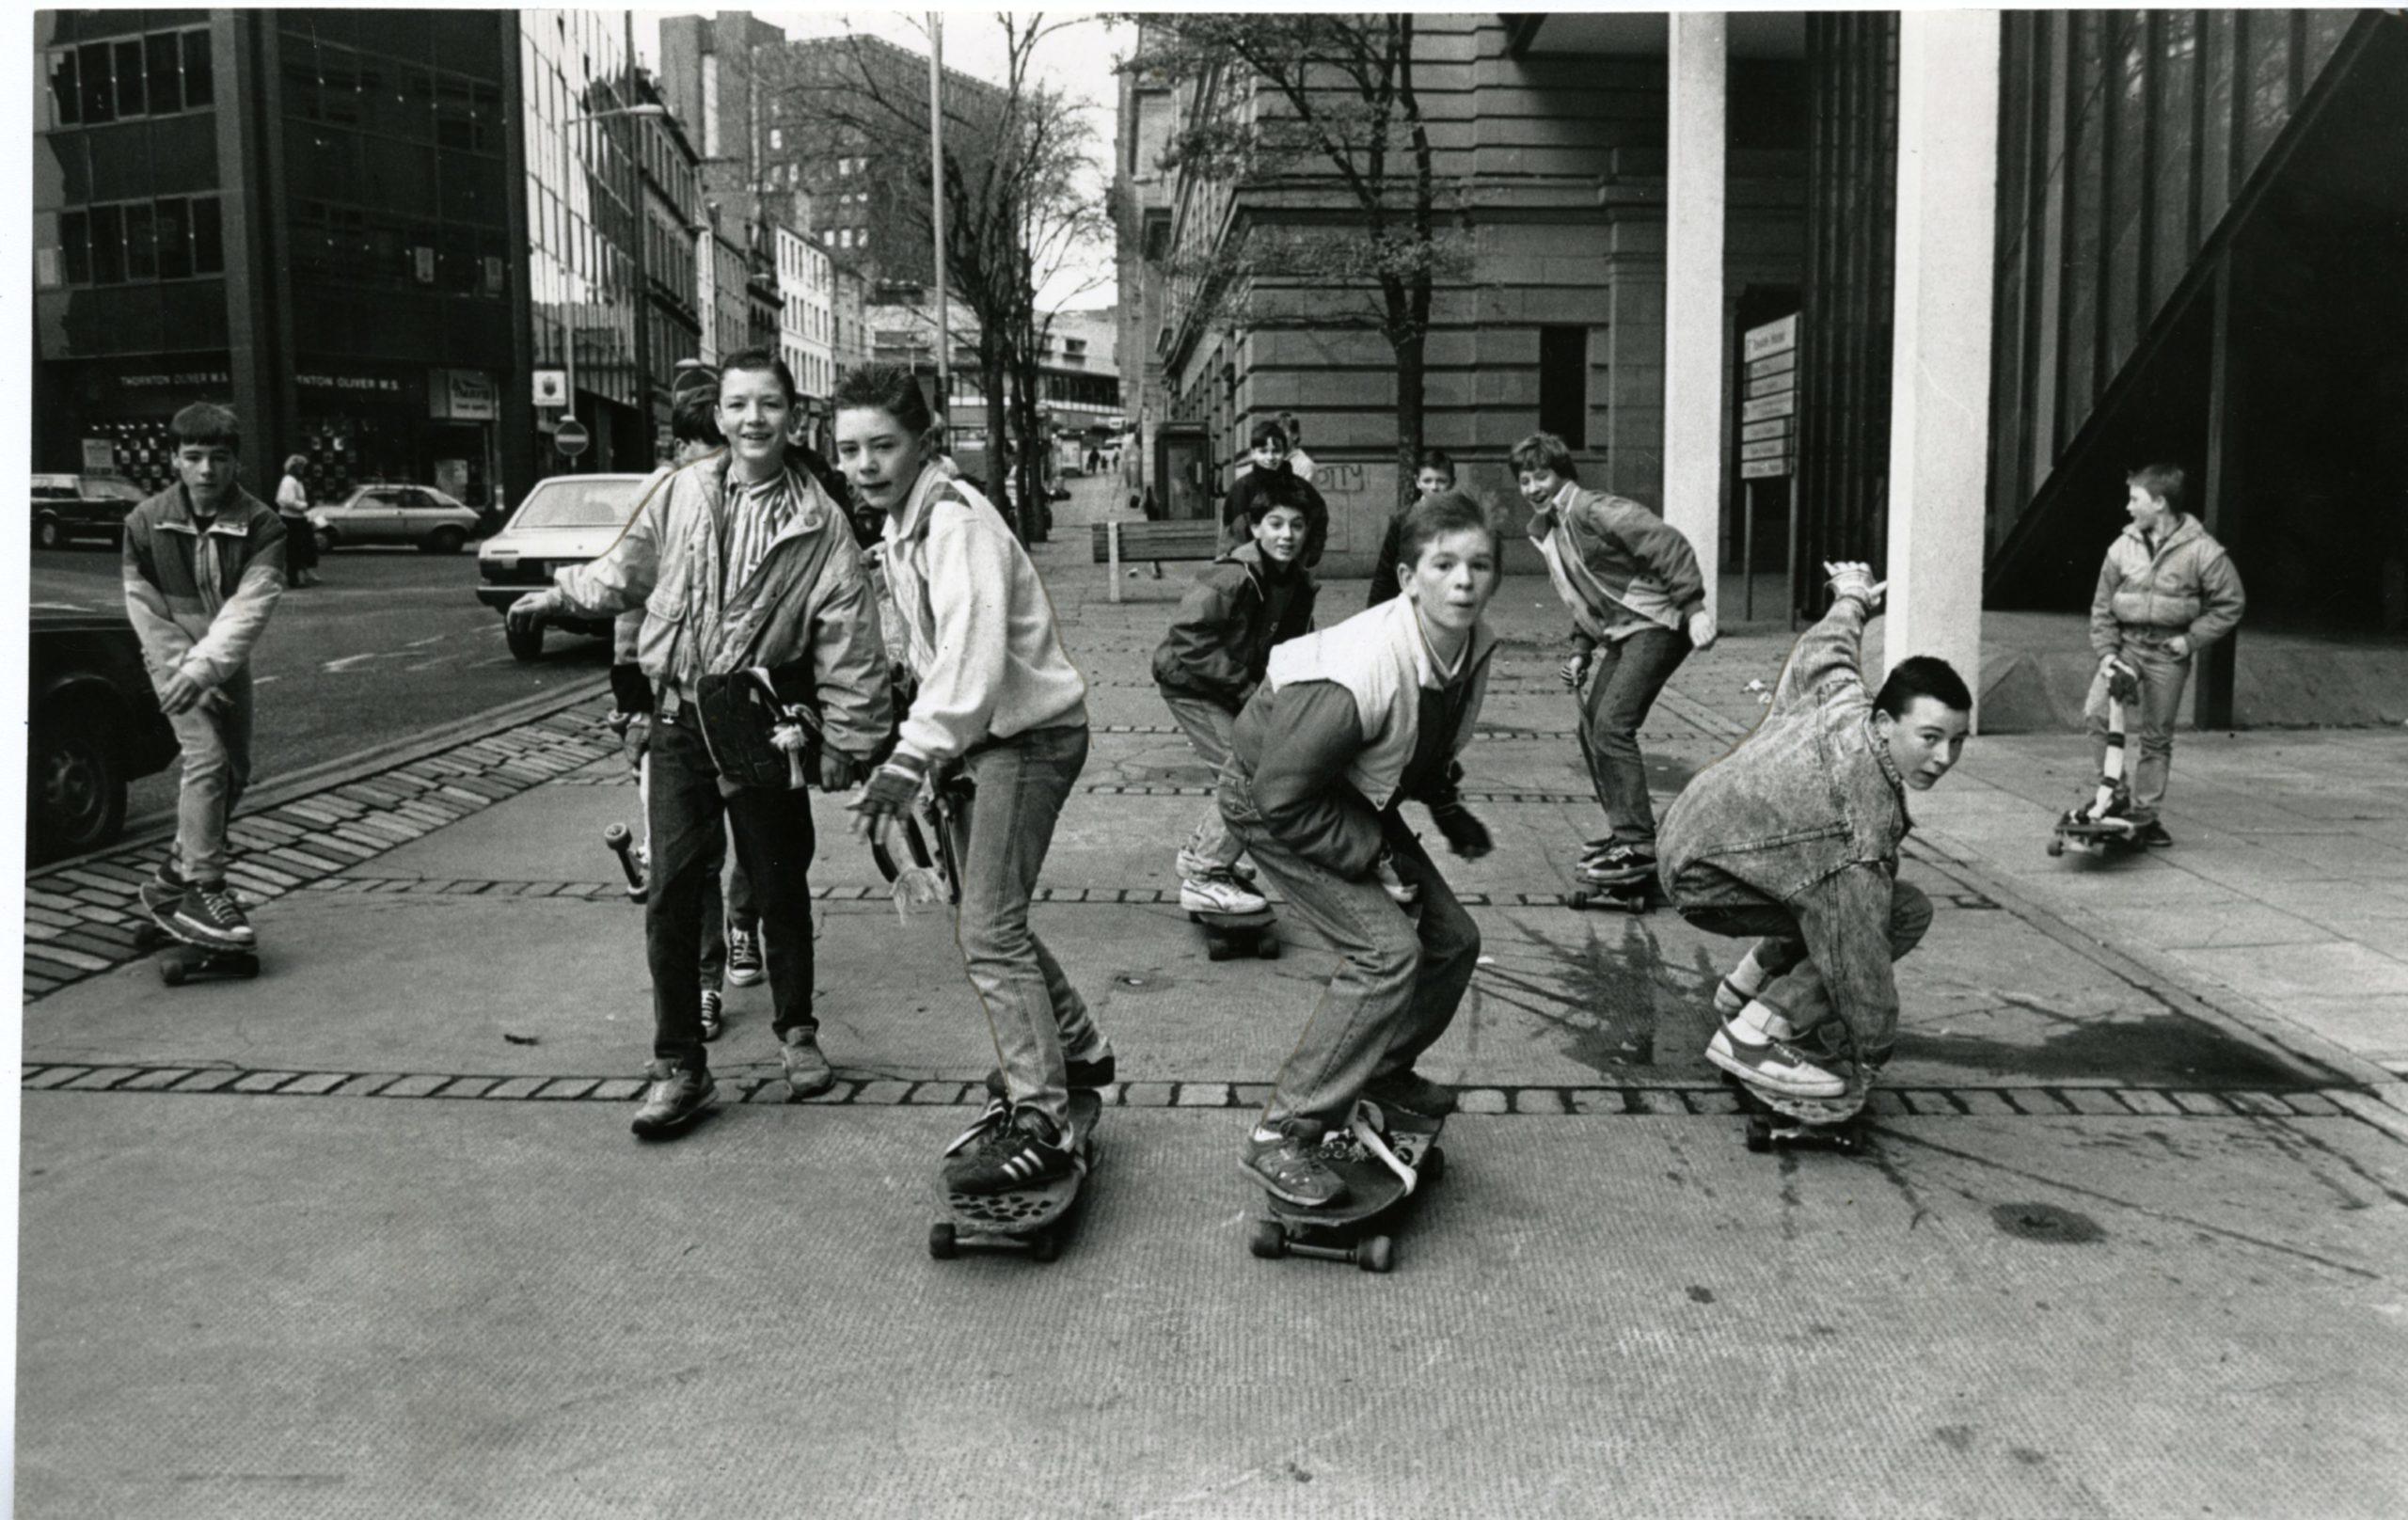 Dundee skateboarders demonstrating